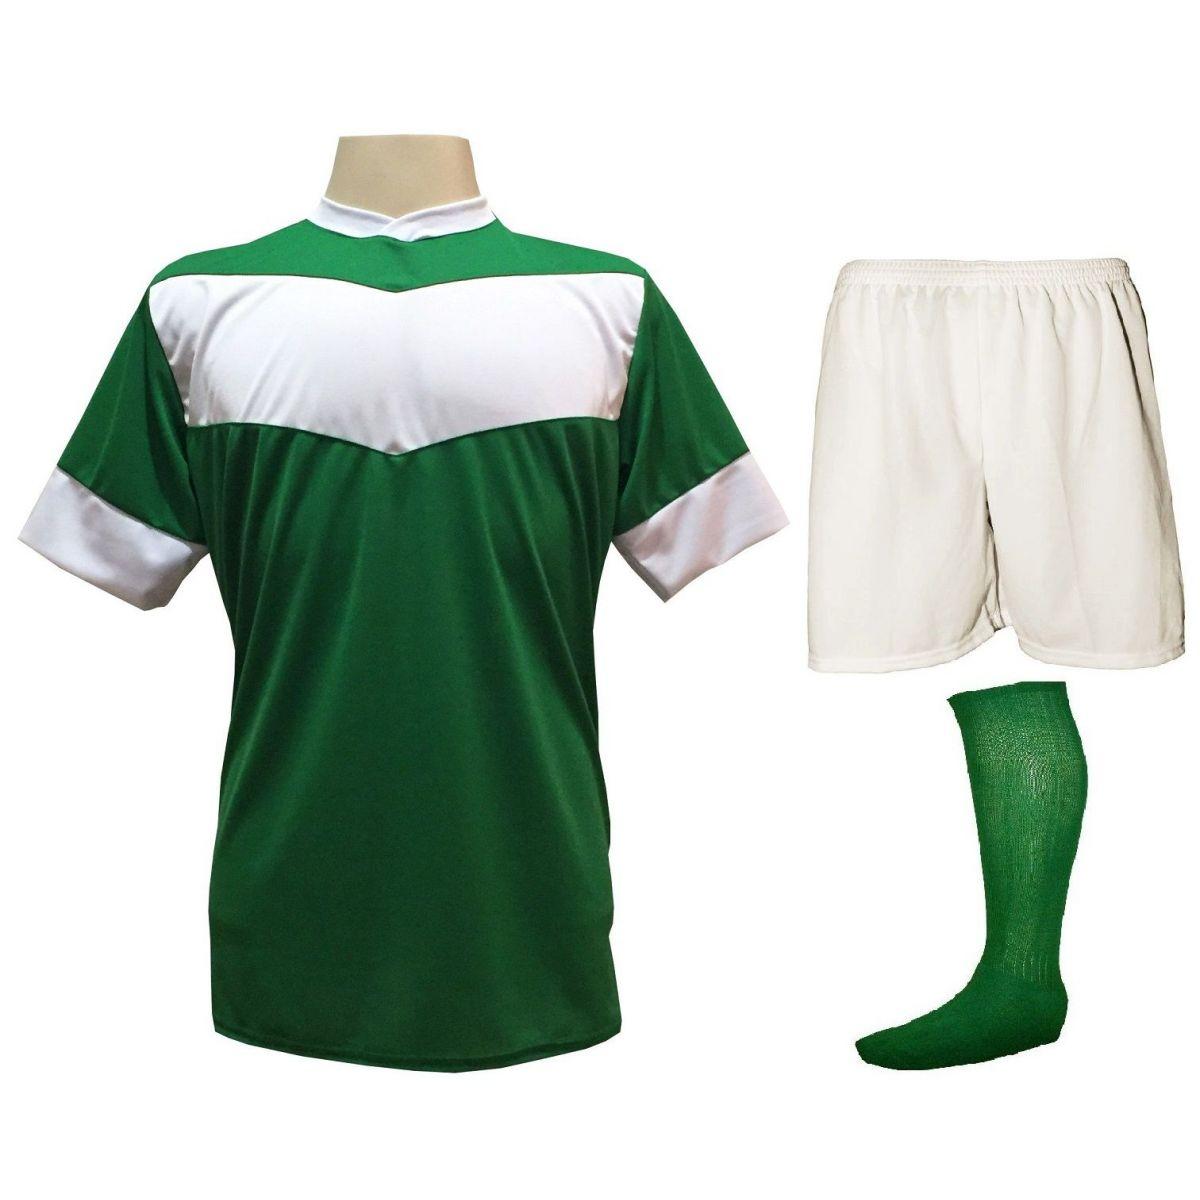 Fardamento Completo modelo Columbus 18+2 (18 Camisas Verde/Branco + 18 Calções Madrid Branco + 18 Pares de Meiões Verdes + 2 Conjuntos de Goleiro) + Brindes